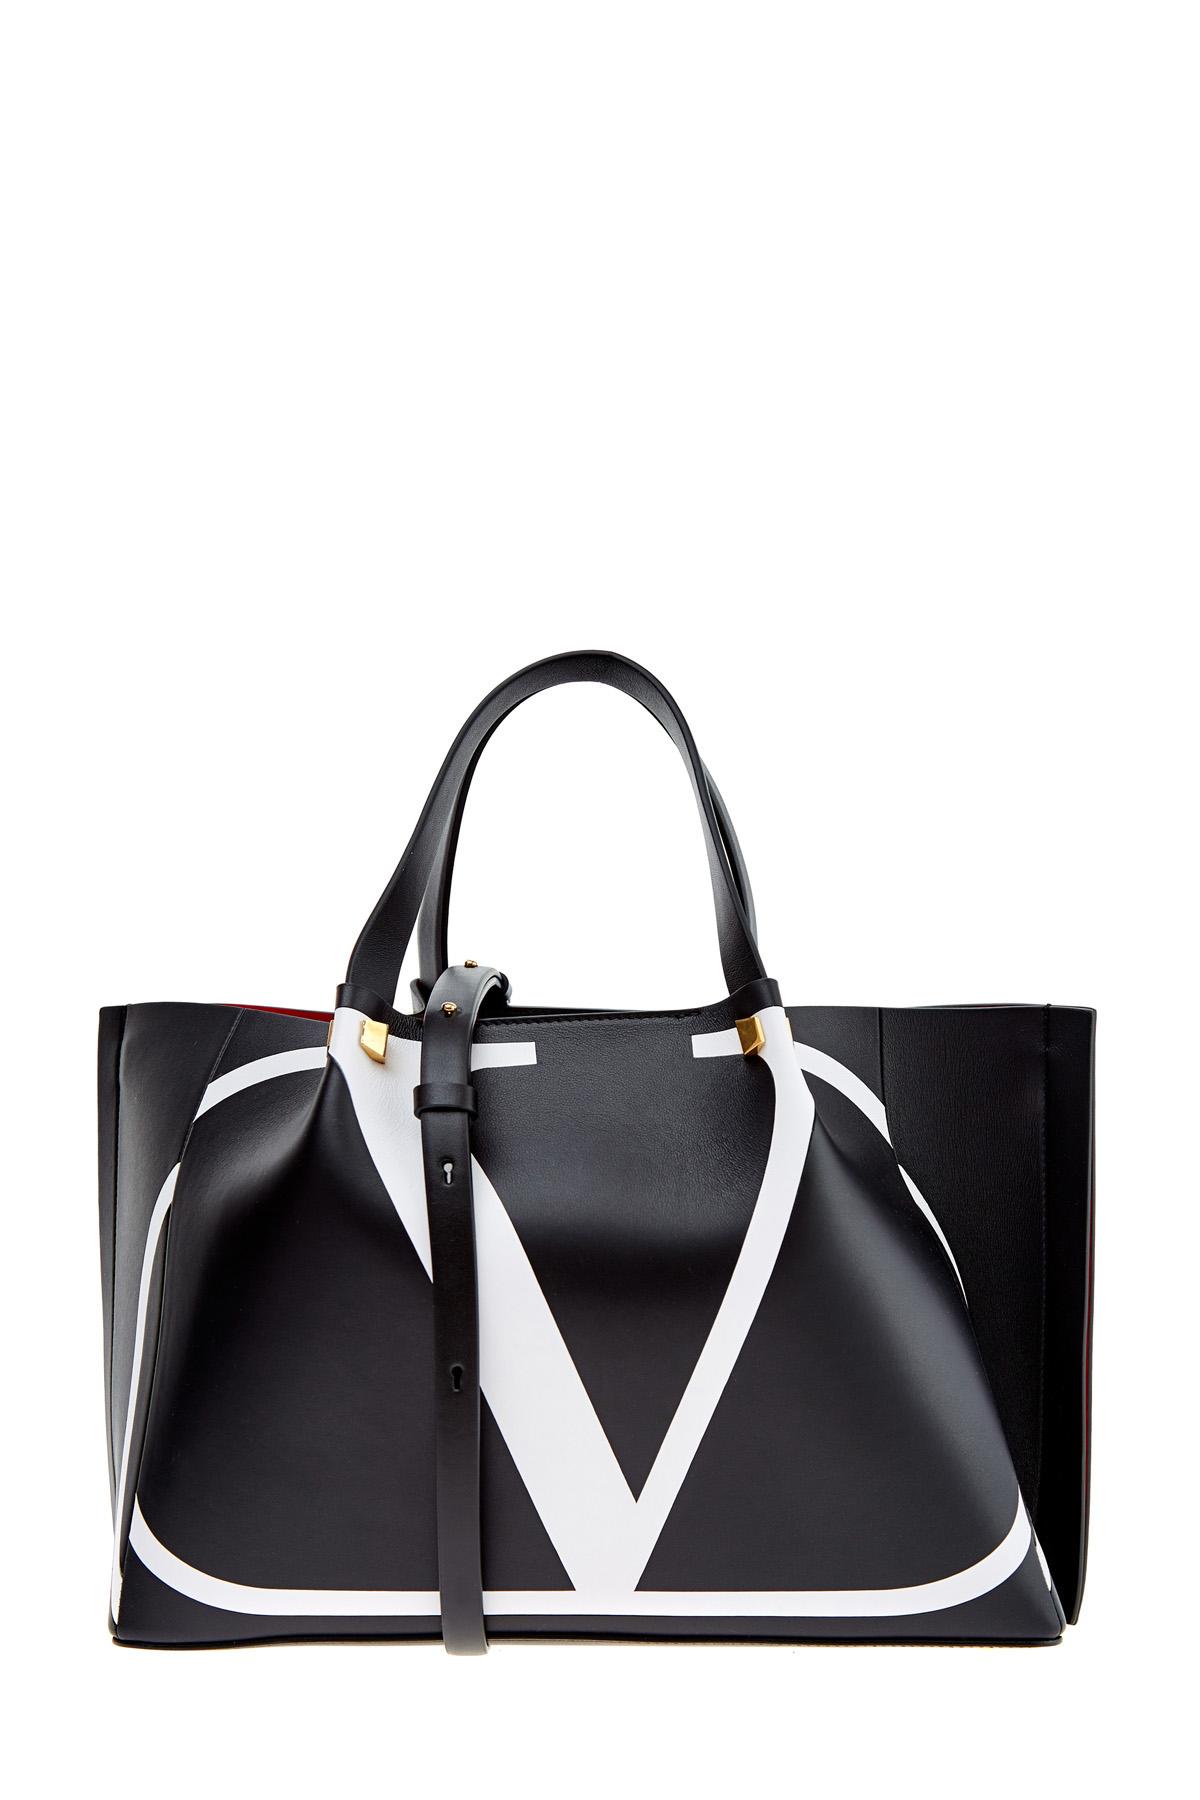 Купить со скидкой Структурированная сумка-тоут из матовой кожи с интарсией VLOGO